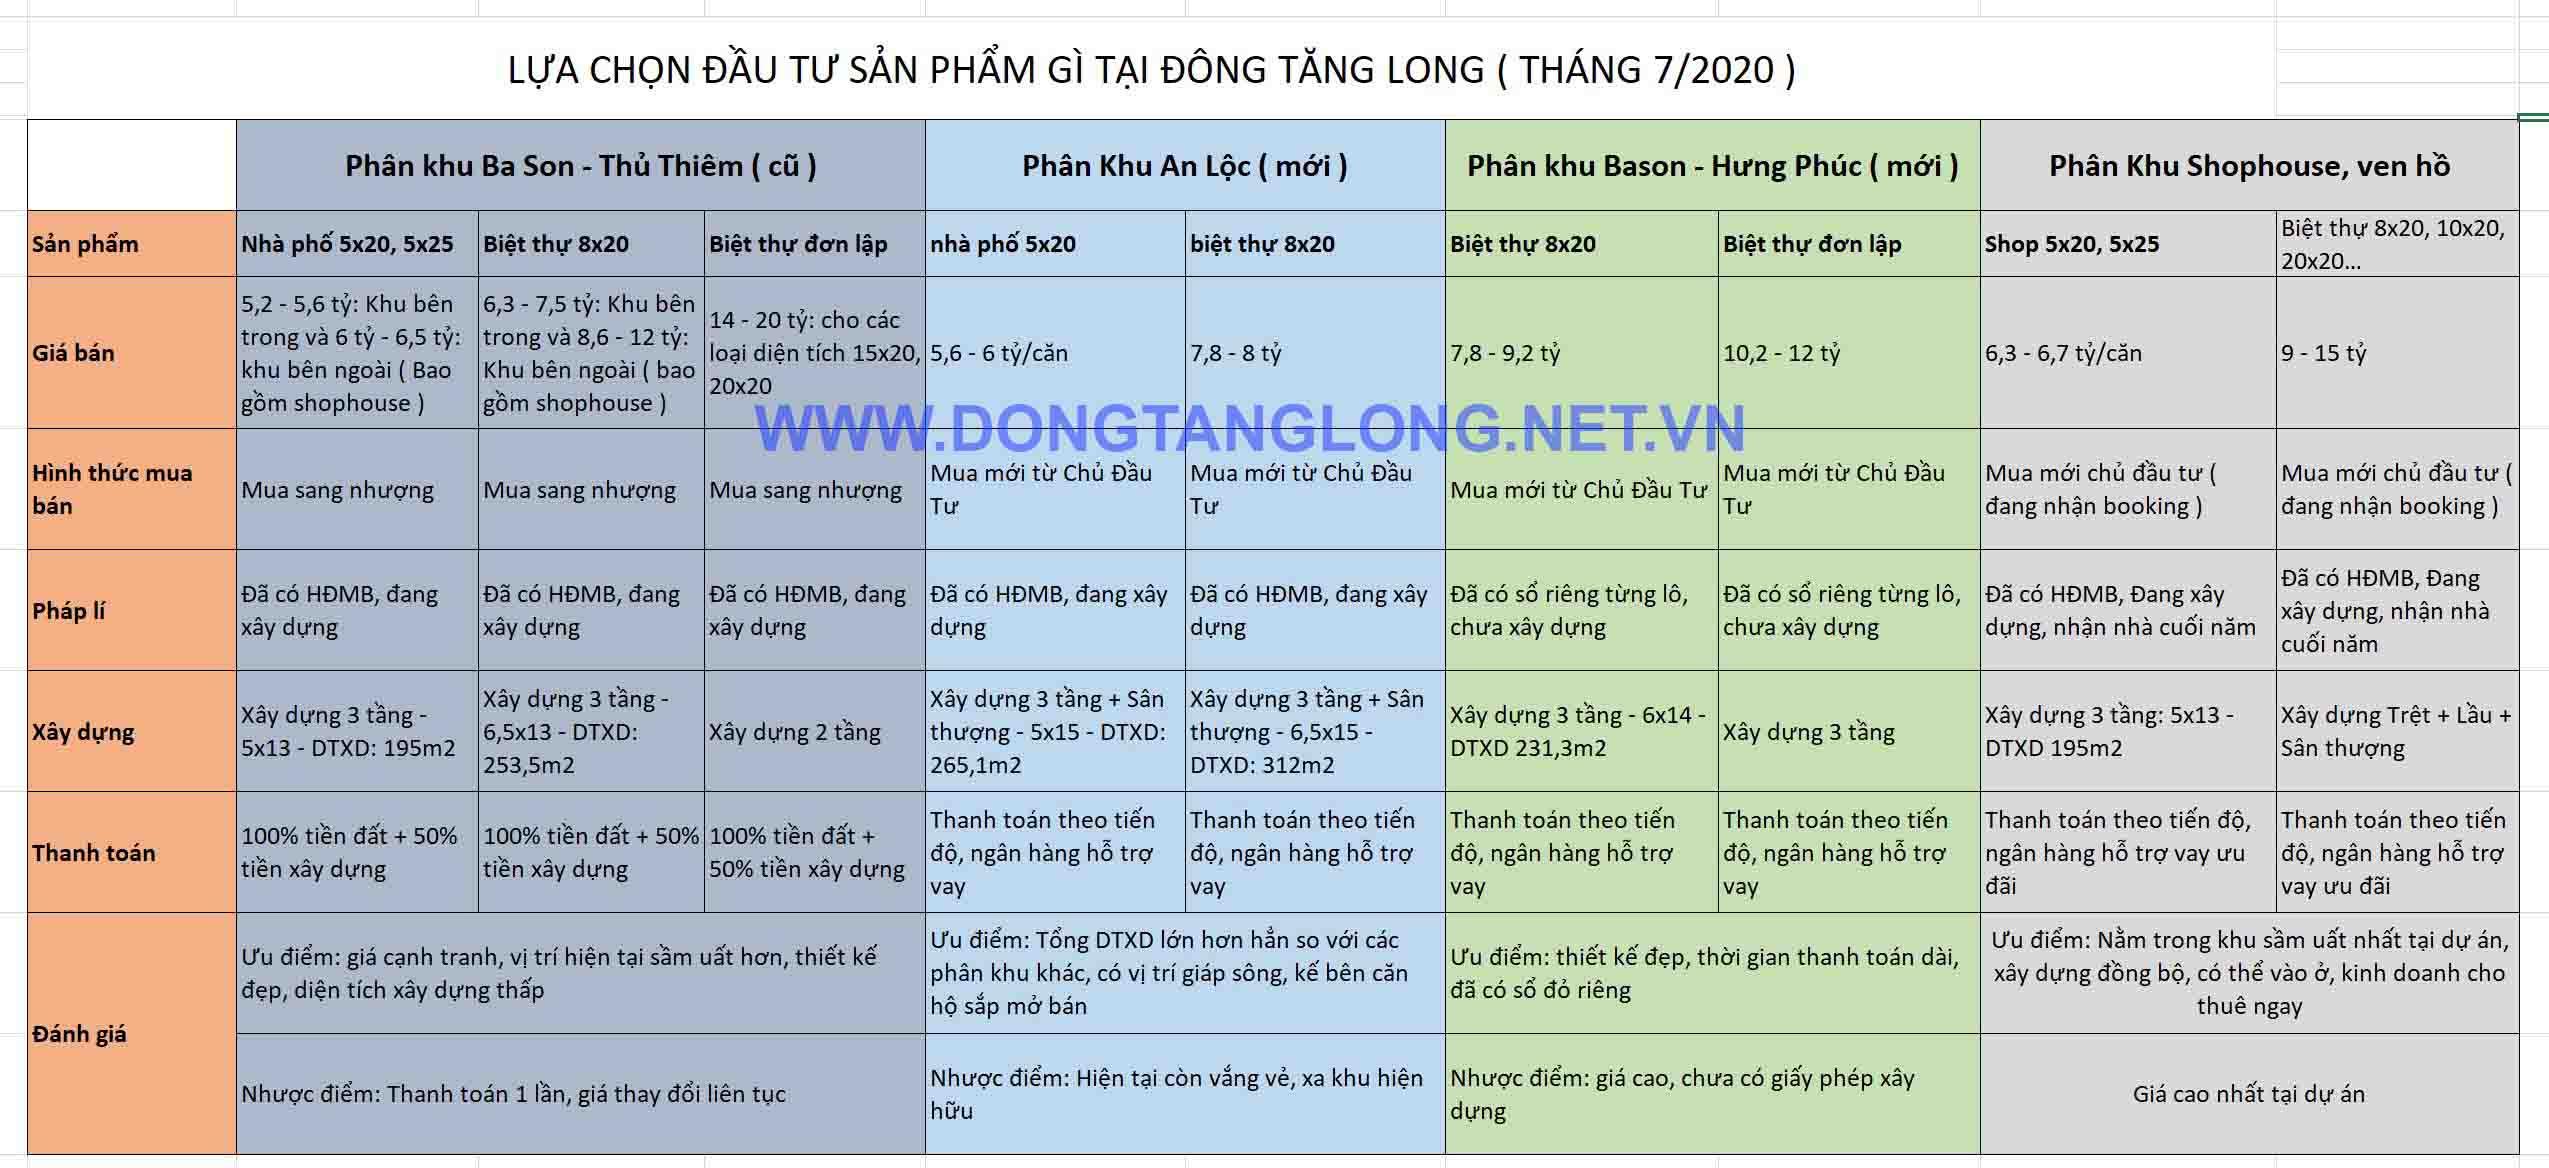 lua chon dau tu dong tang long thang 7 2020